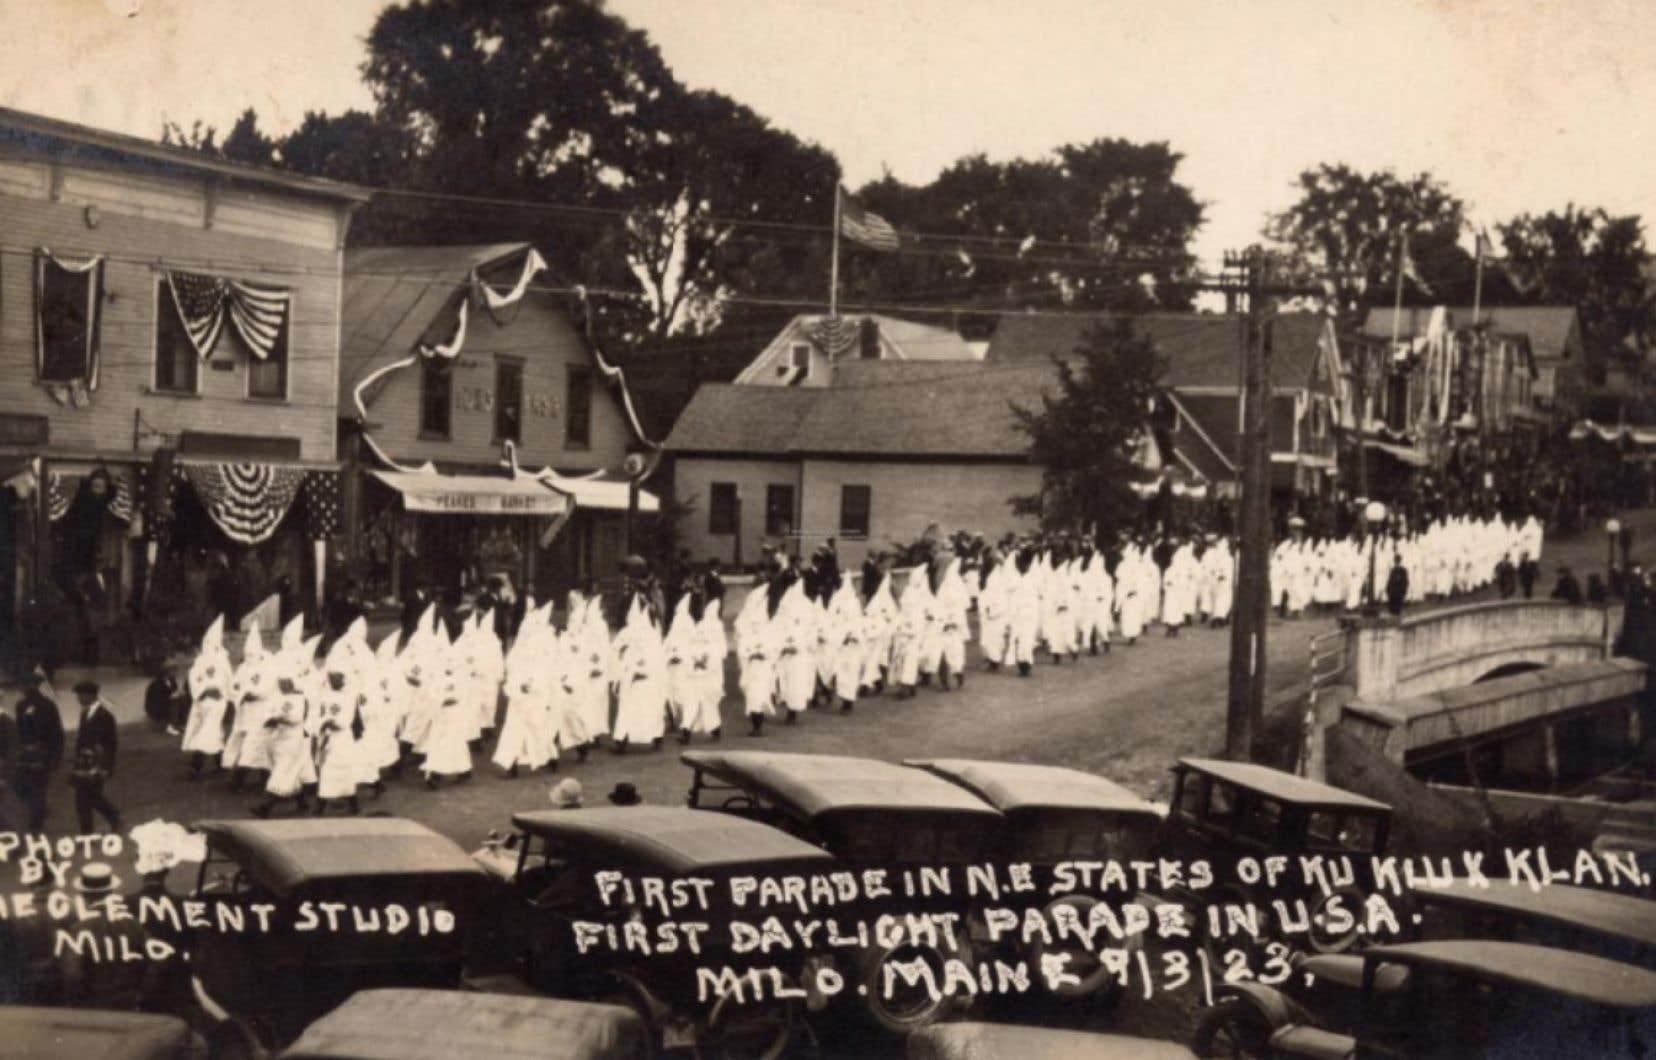 Cette carte postale montre des membres du Ku Klux Klan paradant au grand jour en août 1923 dans la ville de Milo, au Maine, comme ils l'ont fait dans d'autres villes de cet État, à l'époque où la diaspora canadienne-française constituait la principale cible de cette organisation suprémaciste.